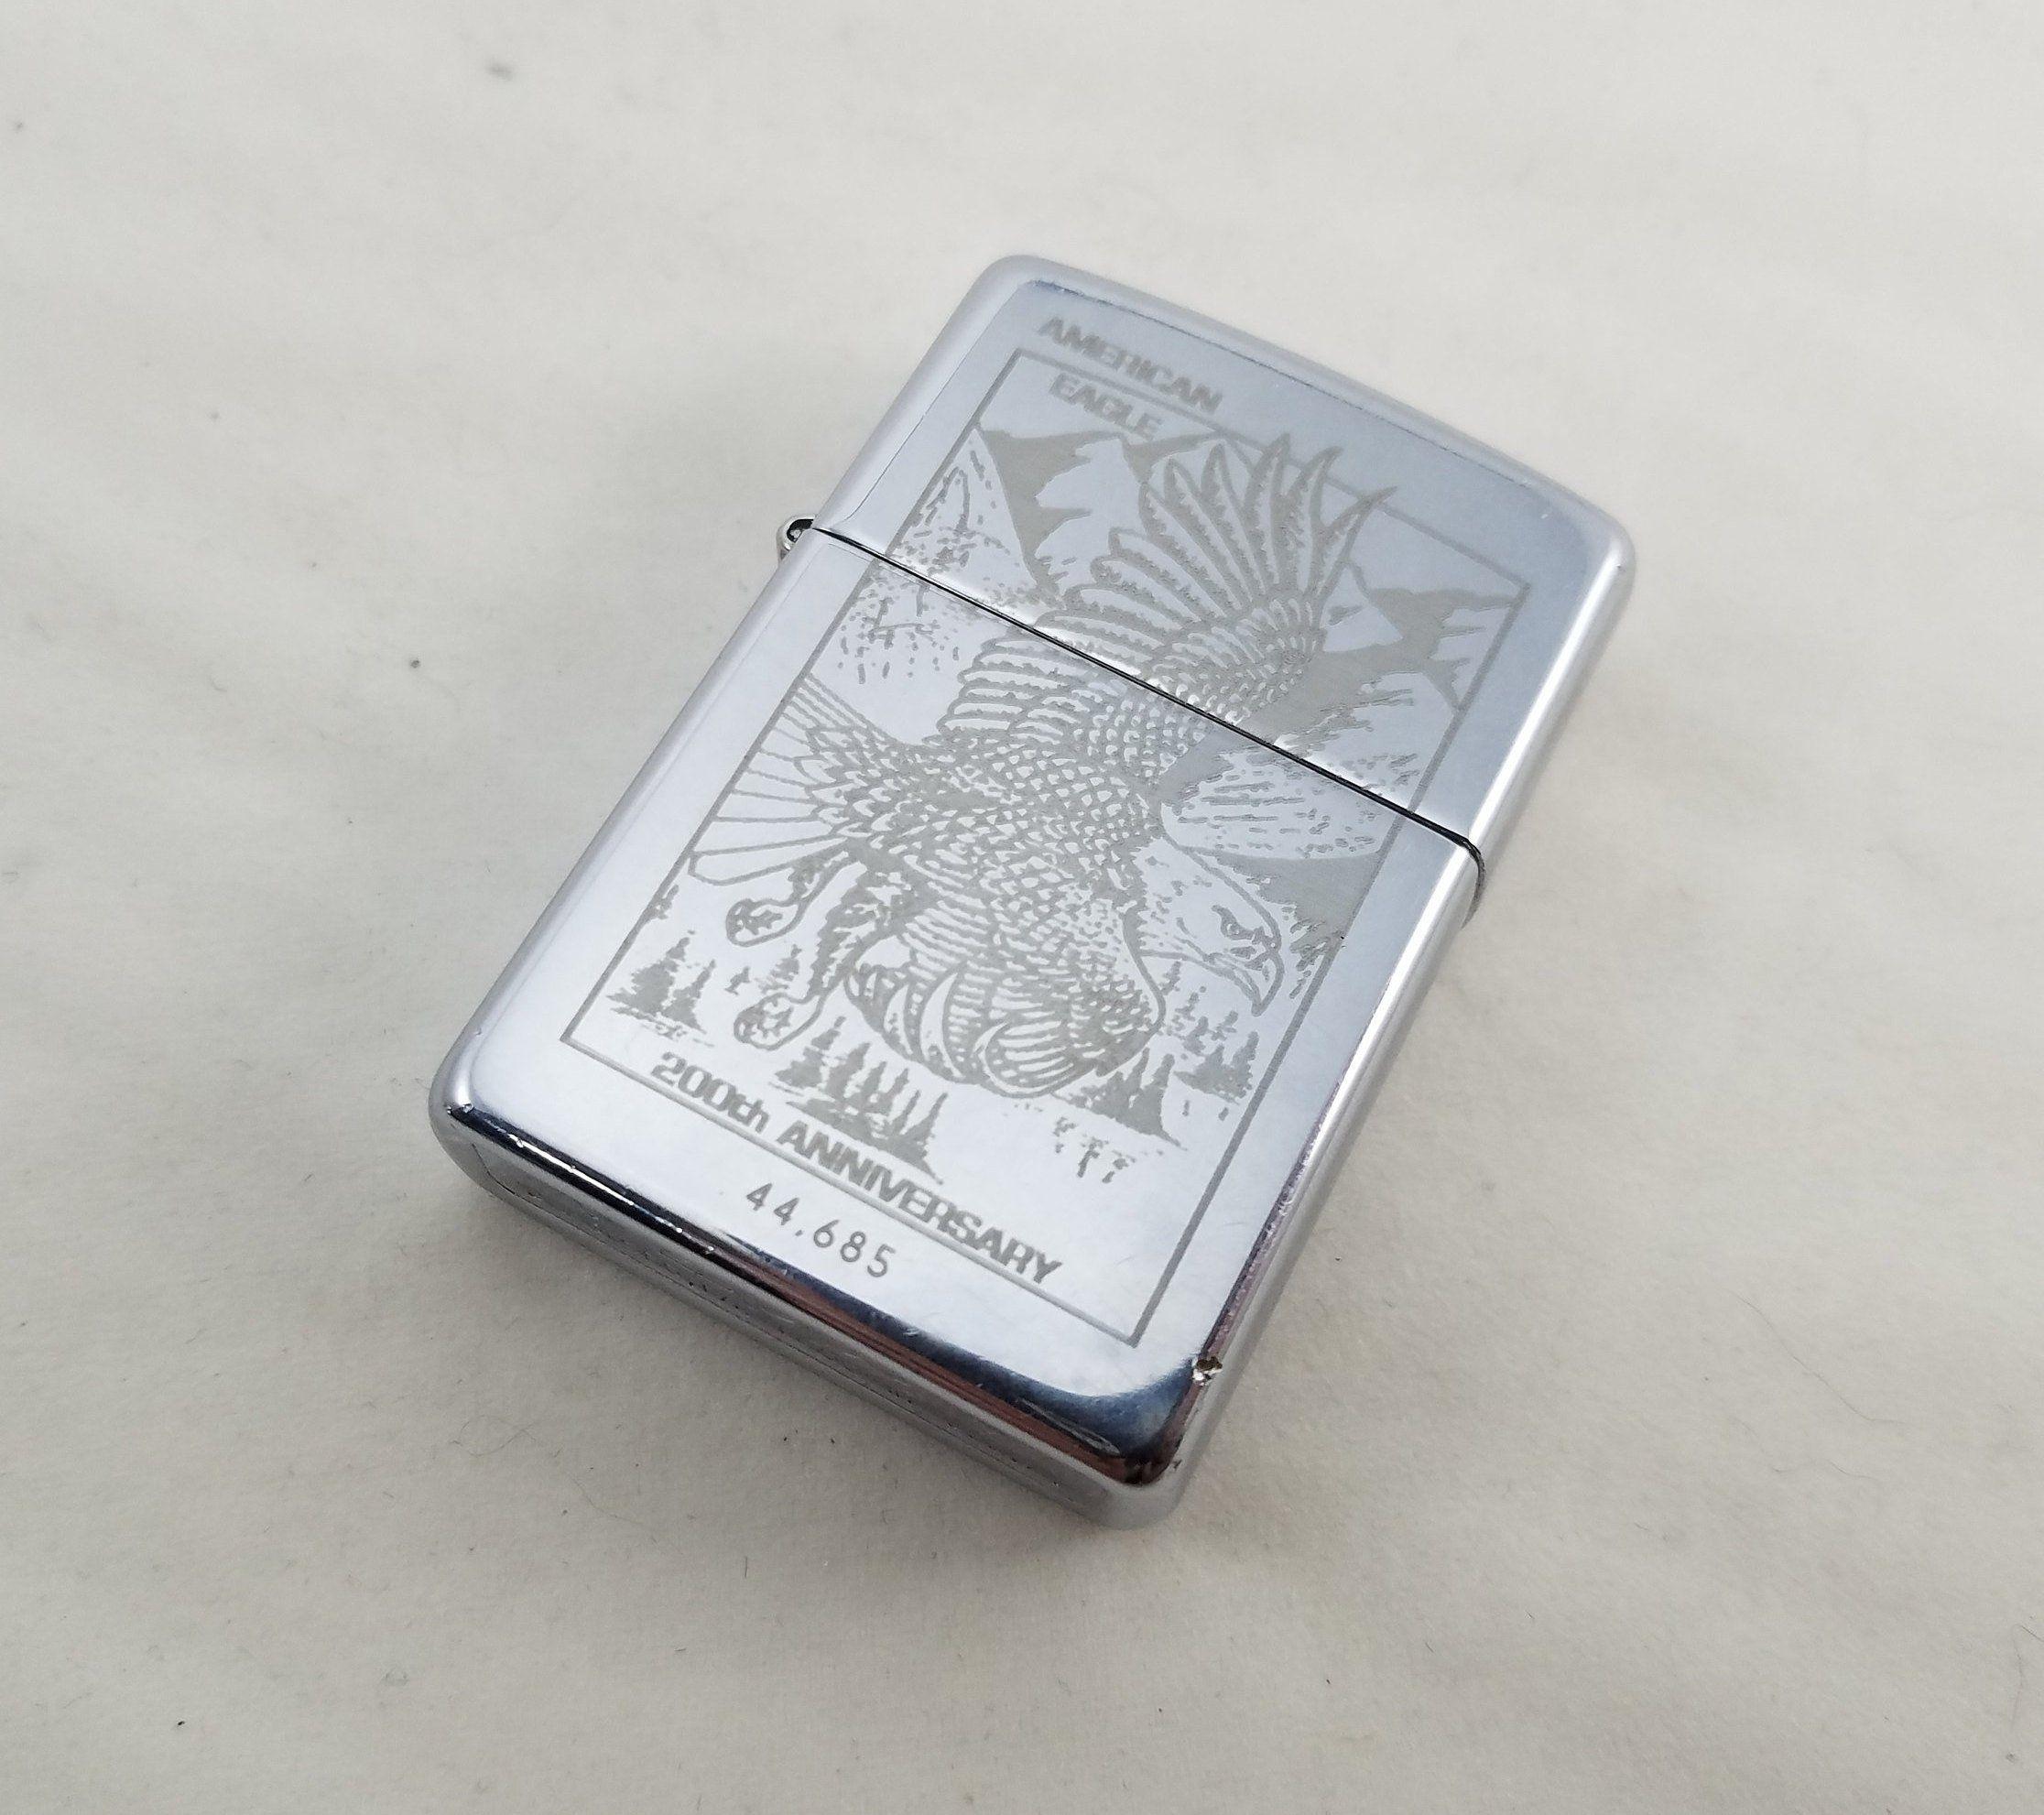 Limited Edition American Eagle 200th Anniversary Commemorative